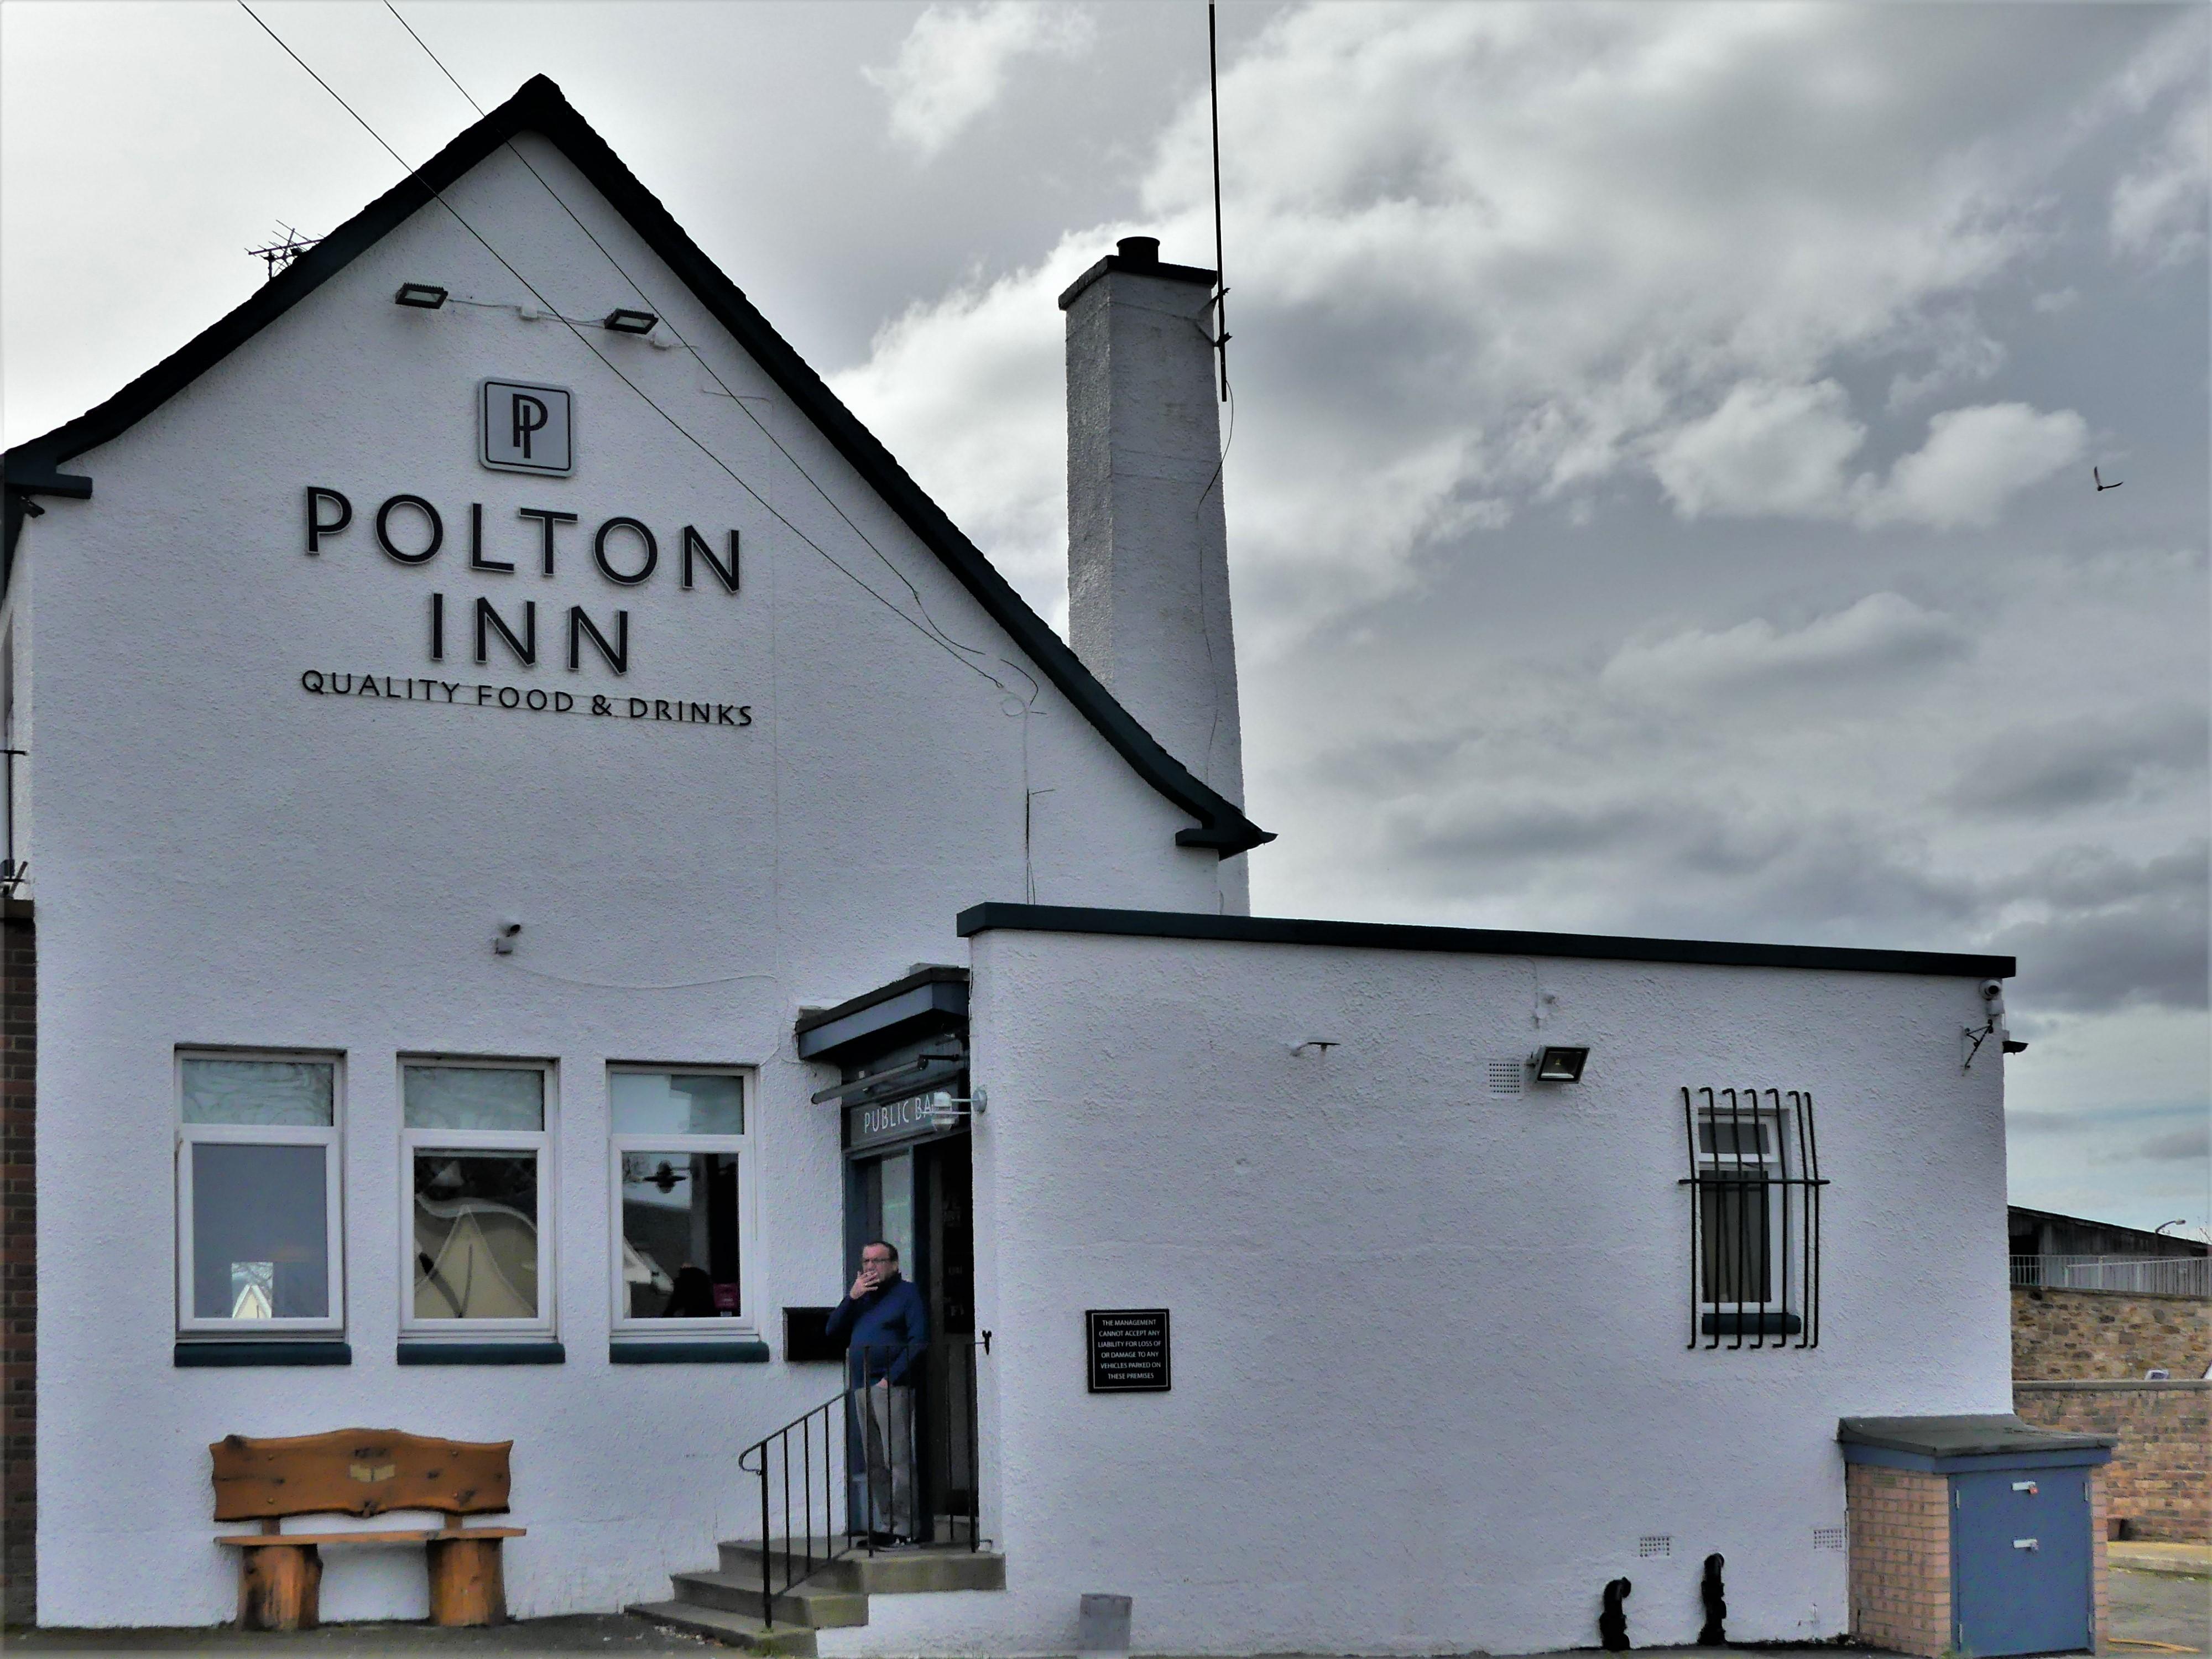 Polton Inn wall